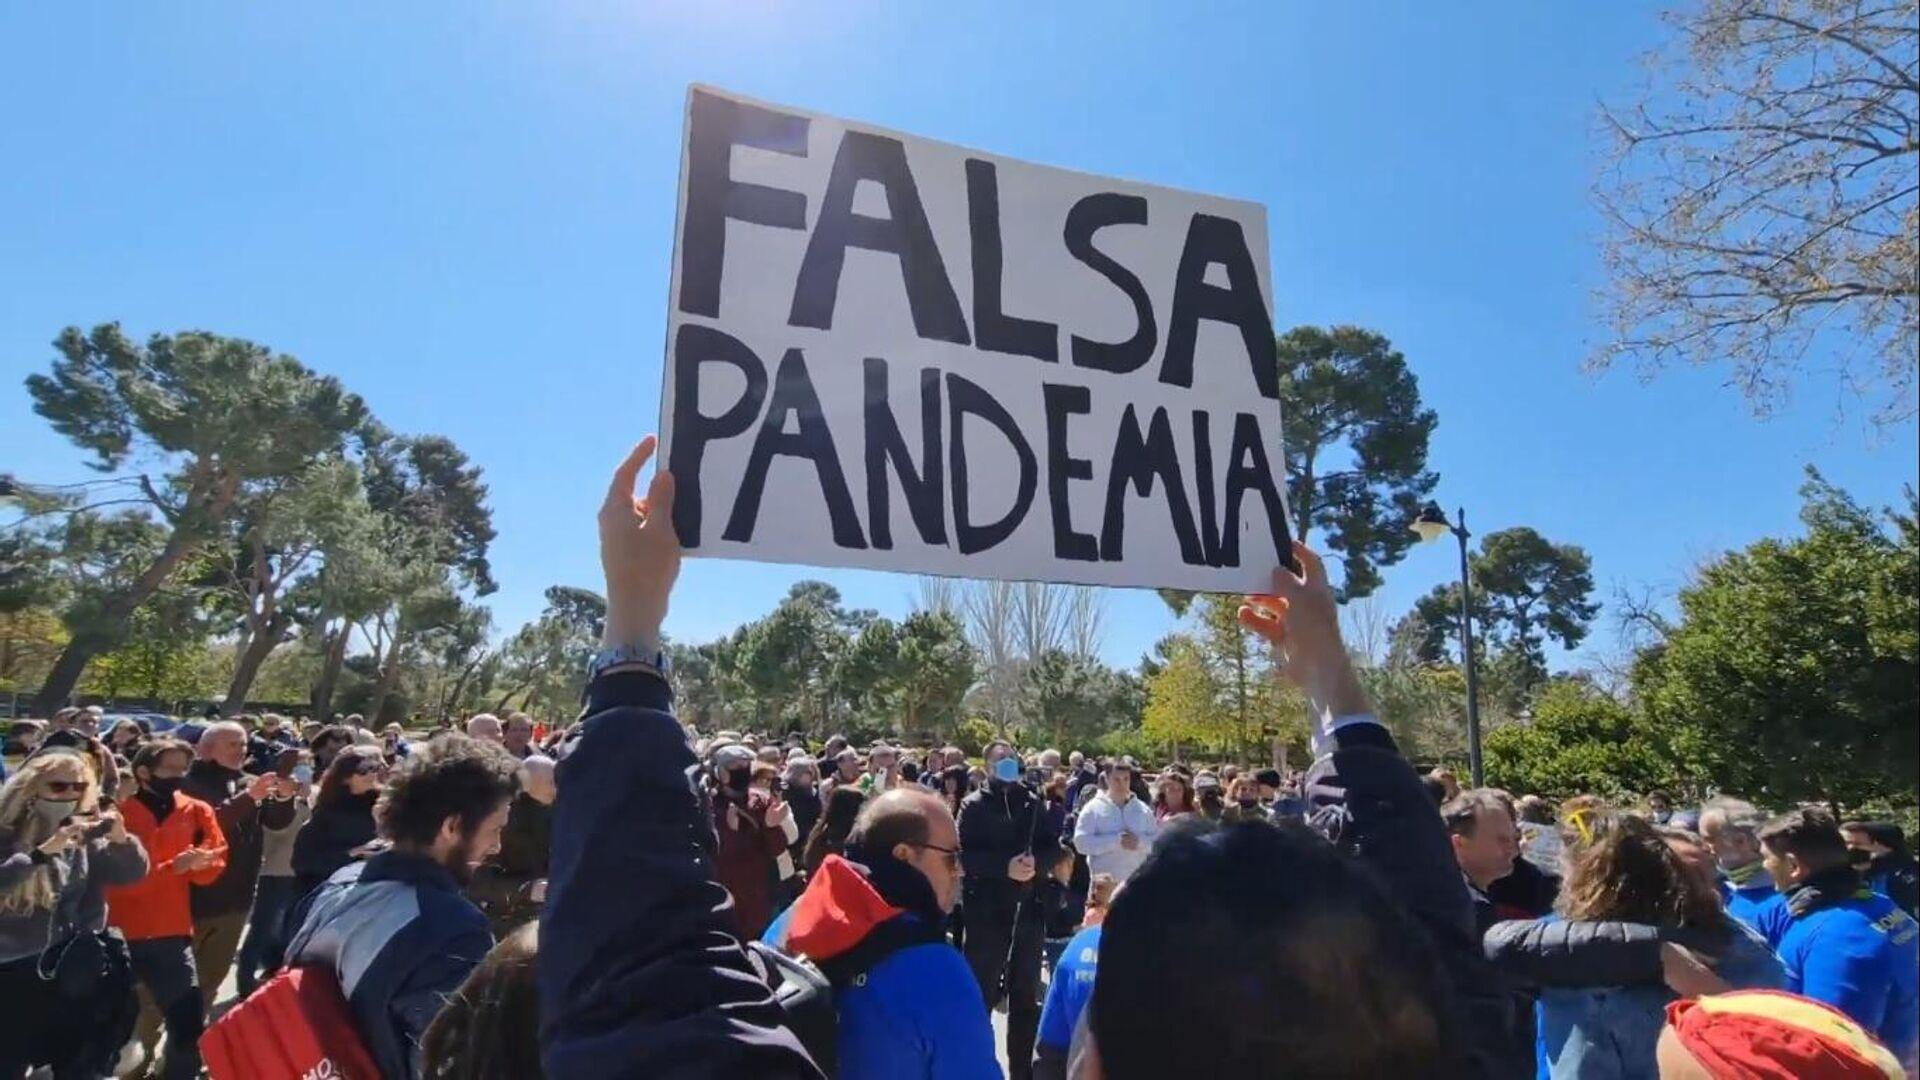 Manifestación negacionista en el parque del Retiro en Madrid - Sputnik Mundo, 1920, 02.06.2021